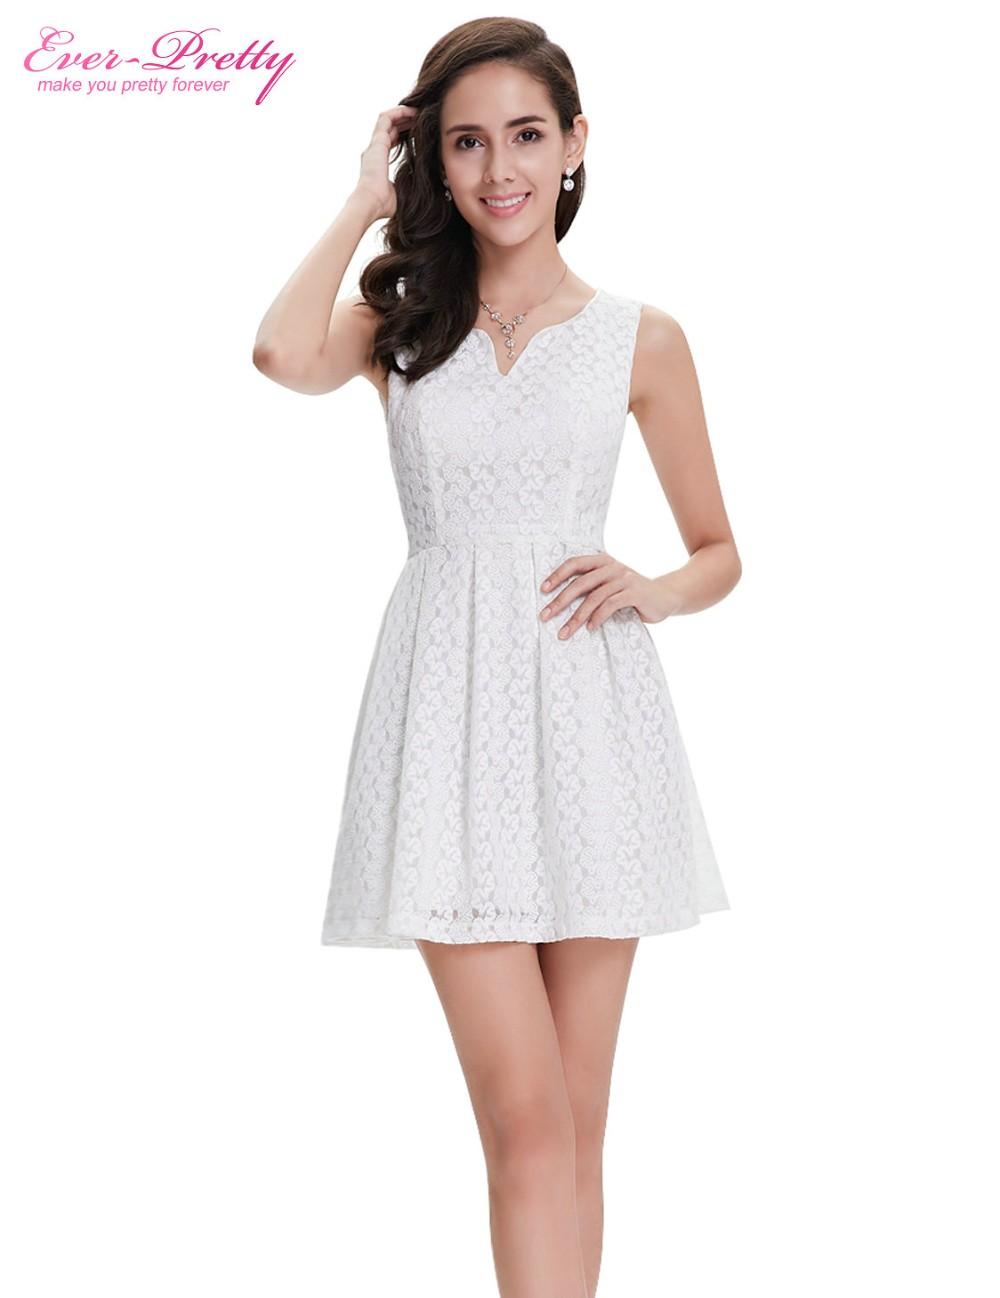 Коктейльные платья с тех довольно AP05129 V шея короткая белый ну вечеринку Жилетidos плиссированной подол произведение полный круг коктейльное платье